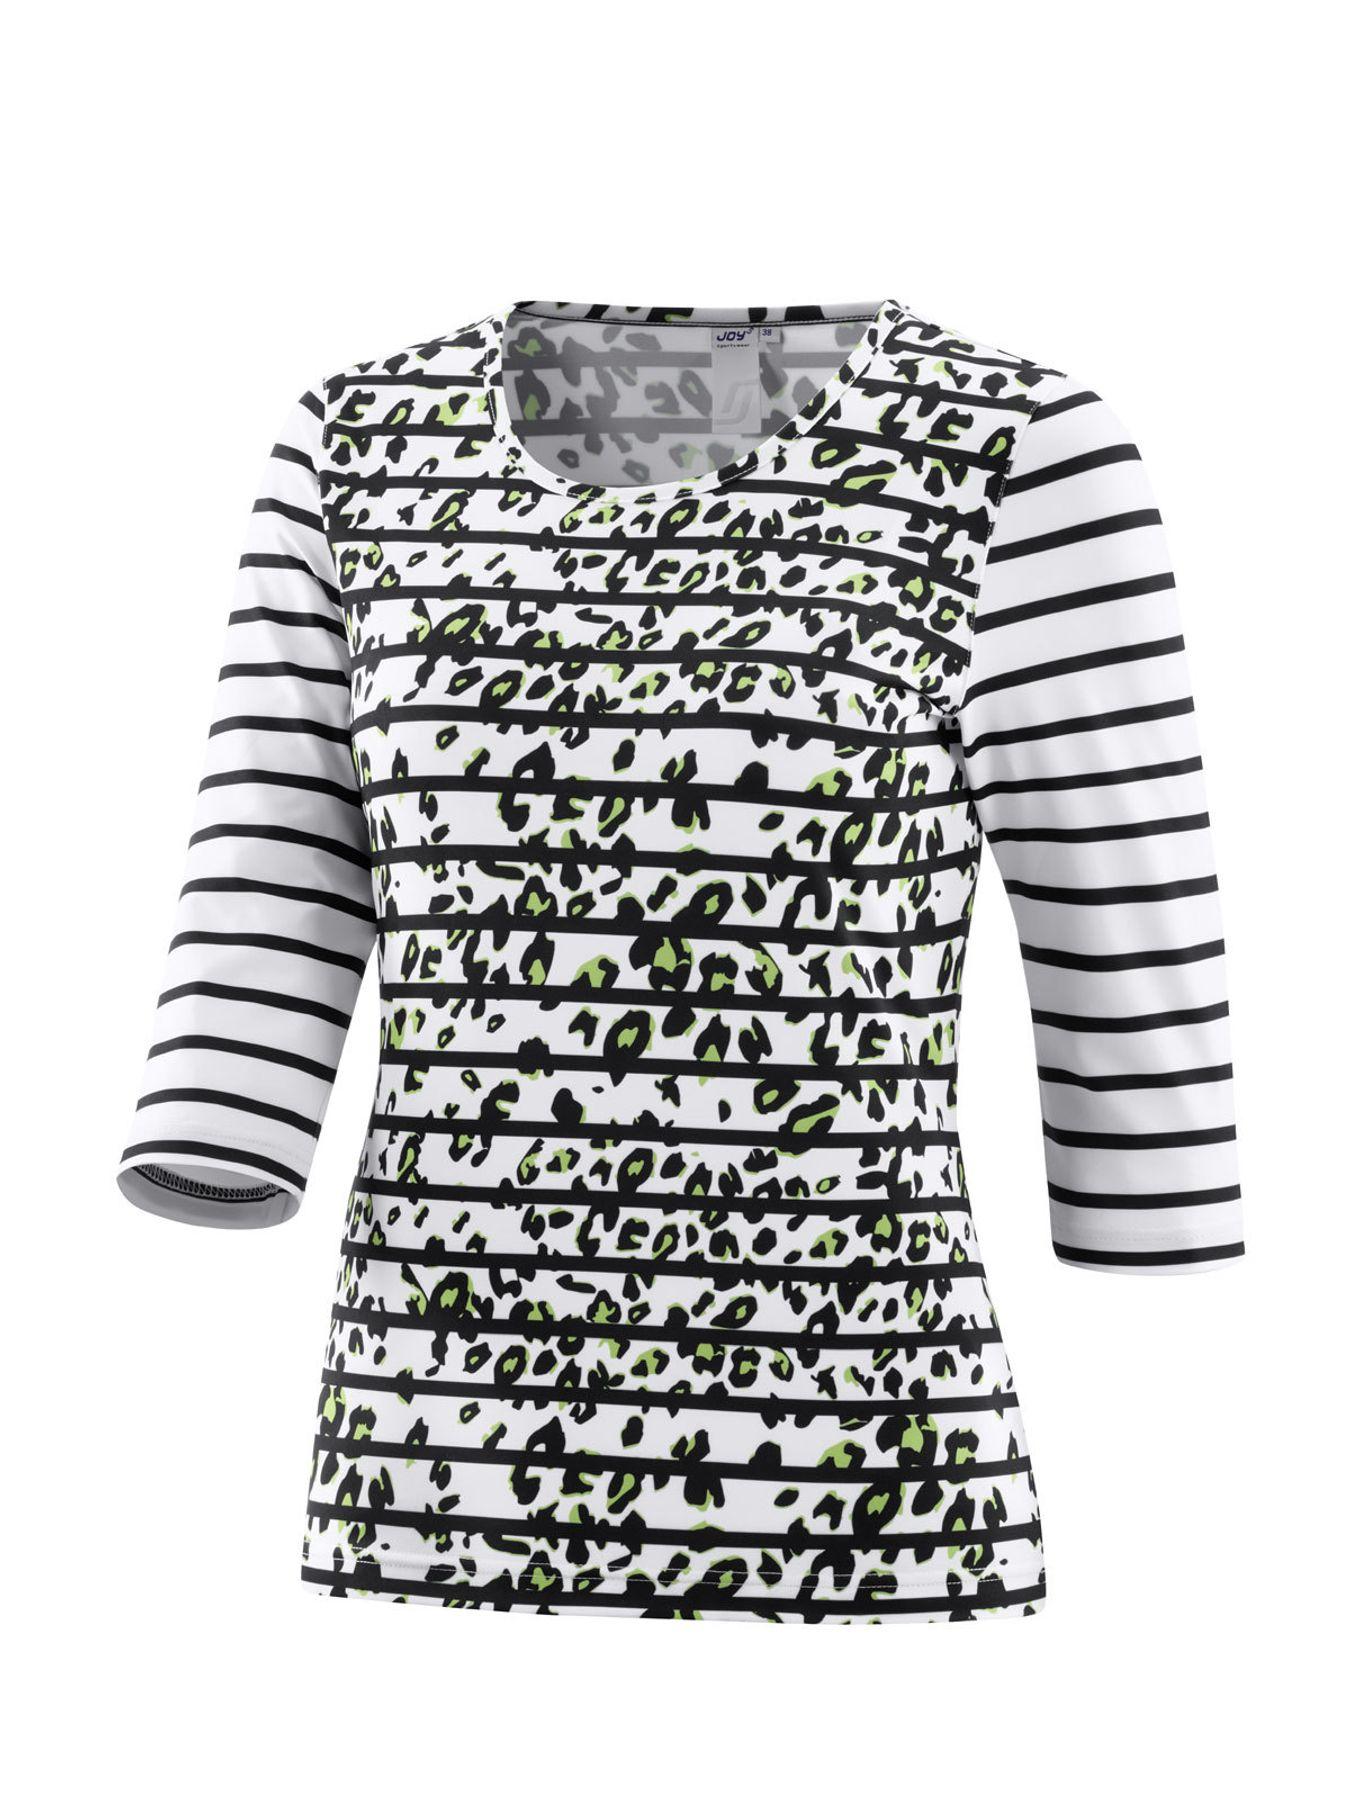 Joy - Damen Sport und Freizeit Shirt mit 3/4 Arm, gestreift, Zina (34517A) – Bild 6